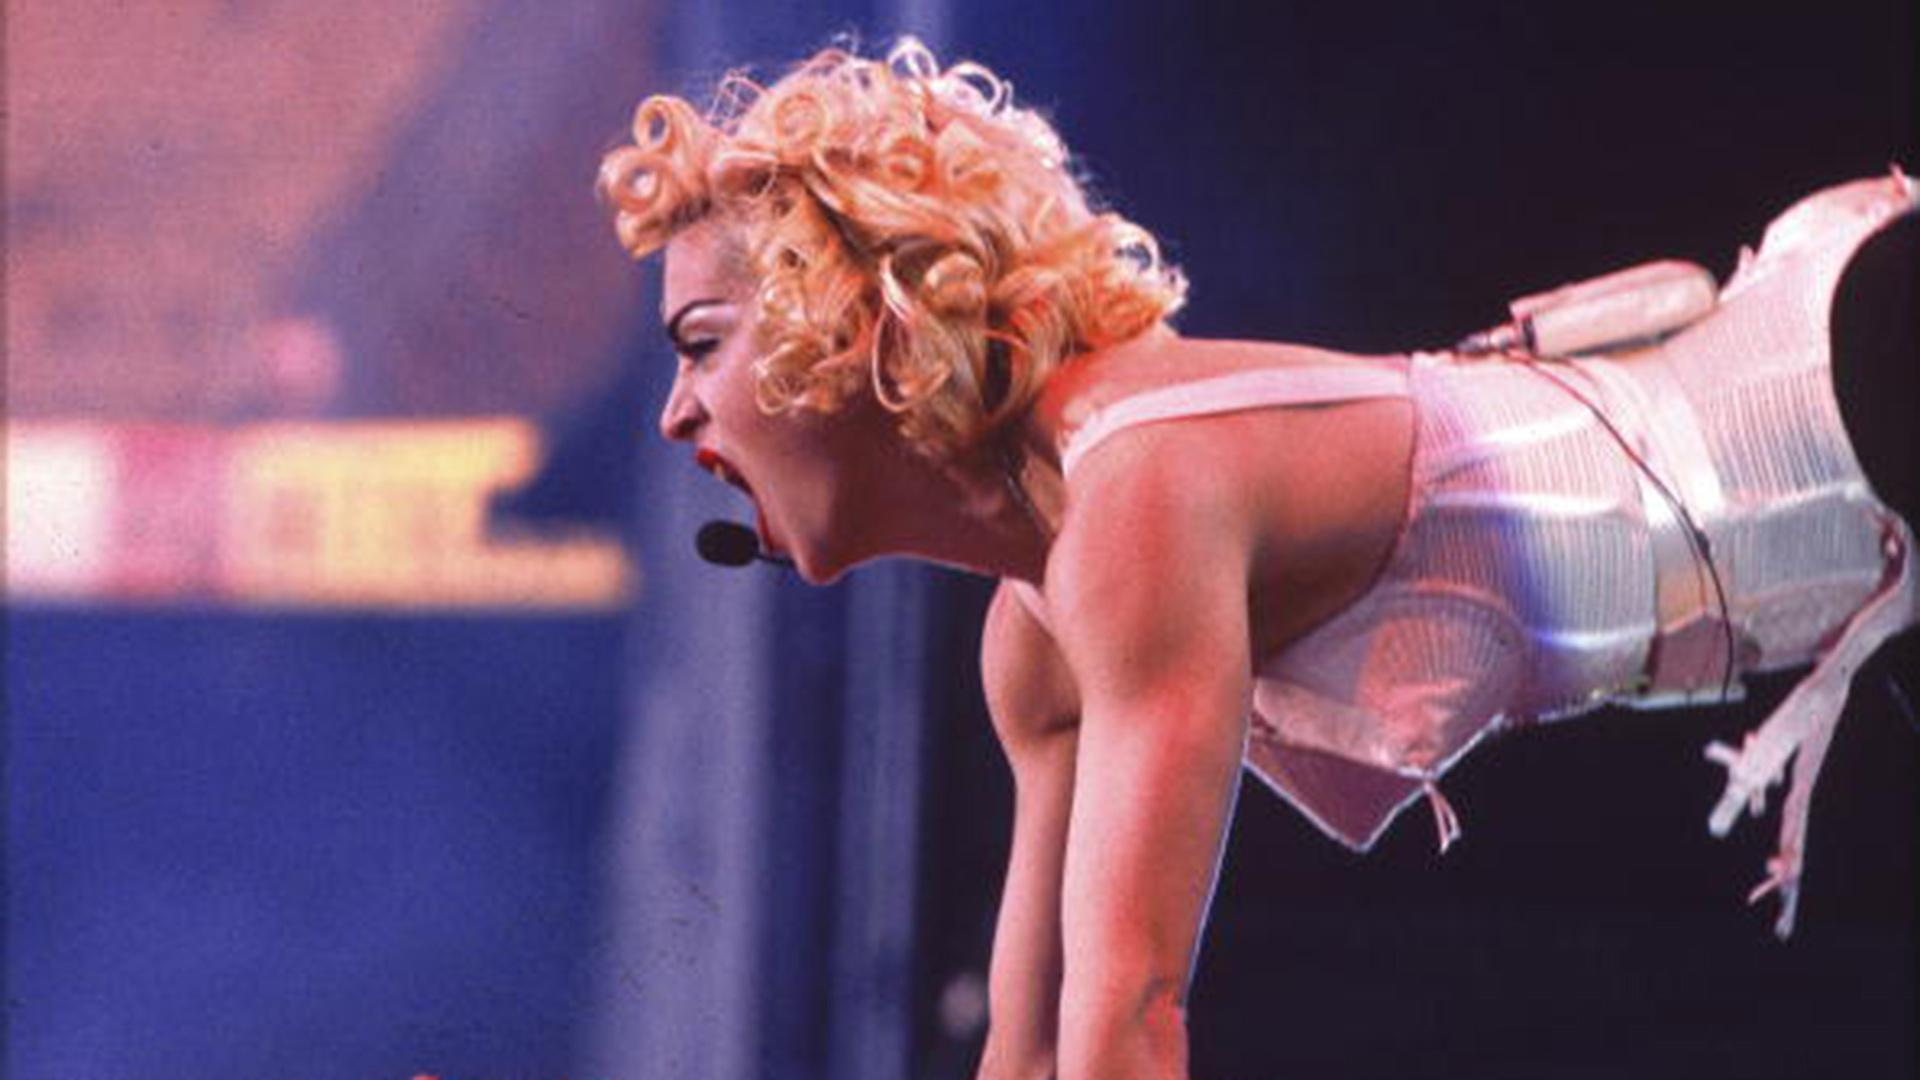 """Los 90 fueron transformadores para la diva, con un gran destape sexual. Jean Paul Gaultier encontró a su musa perfecta y diseñó el vestuario de la gira """"Blonde Ambition"""". El resultado un corset cónico dorado."""